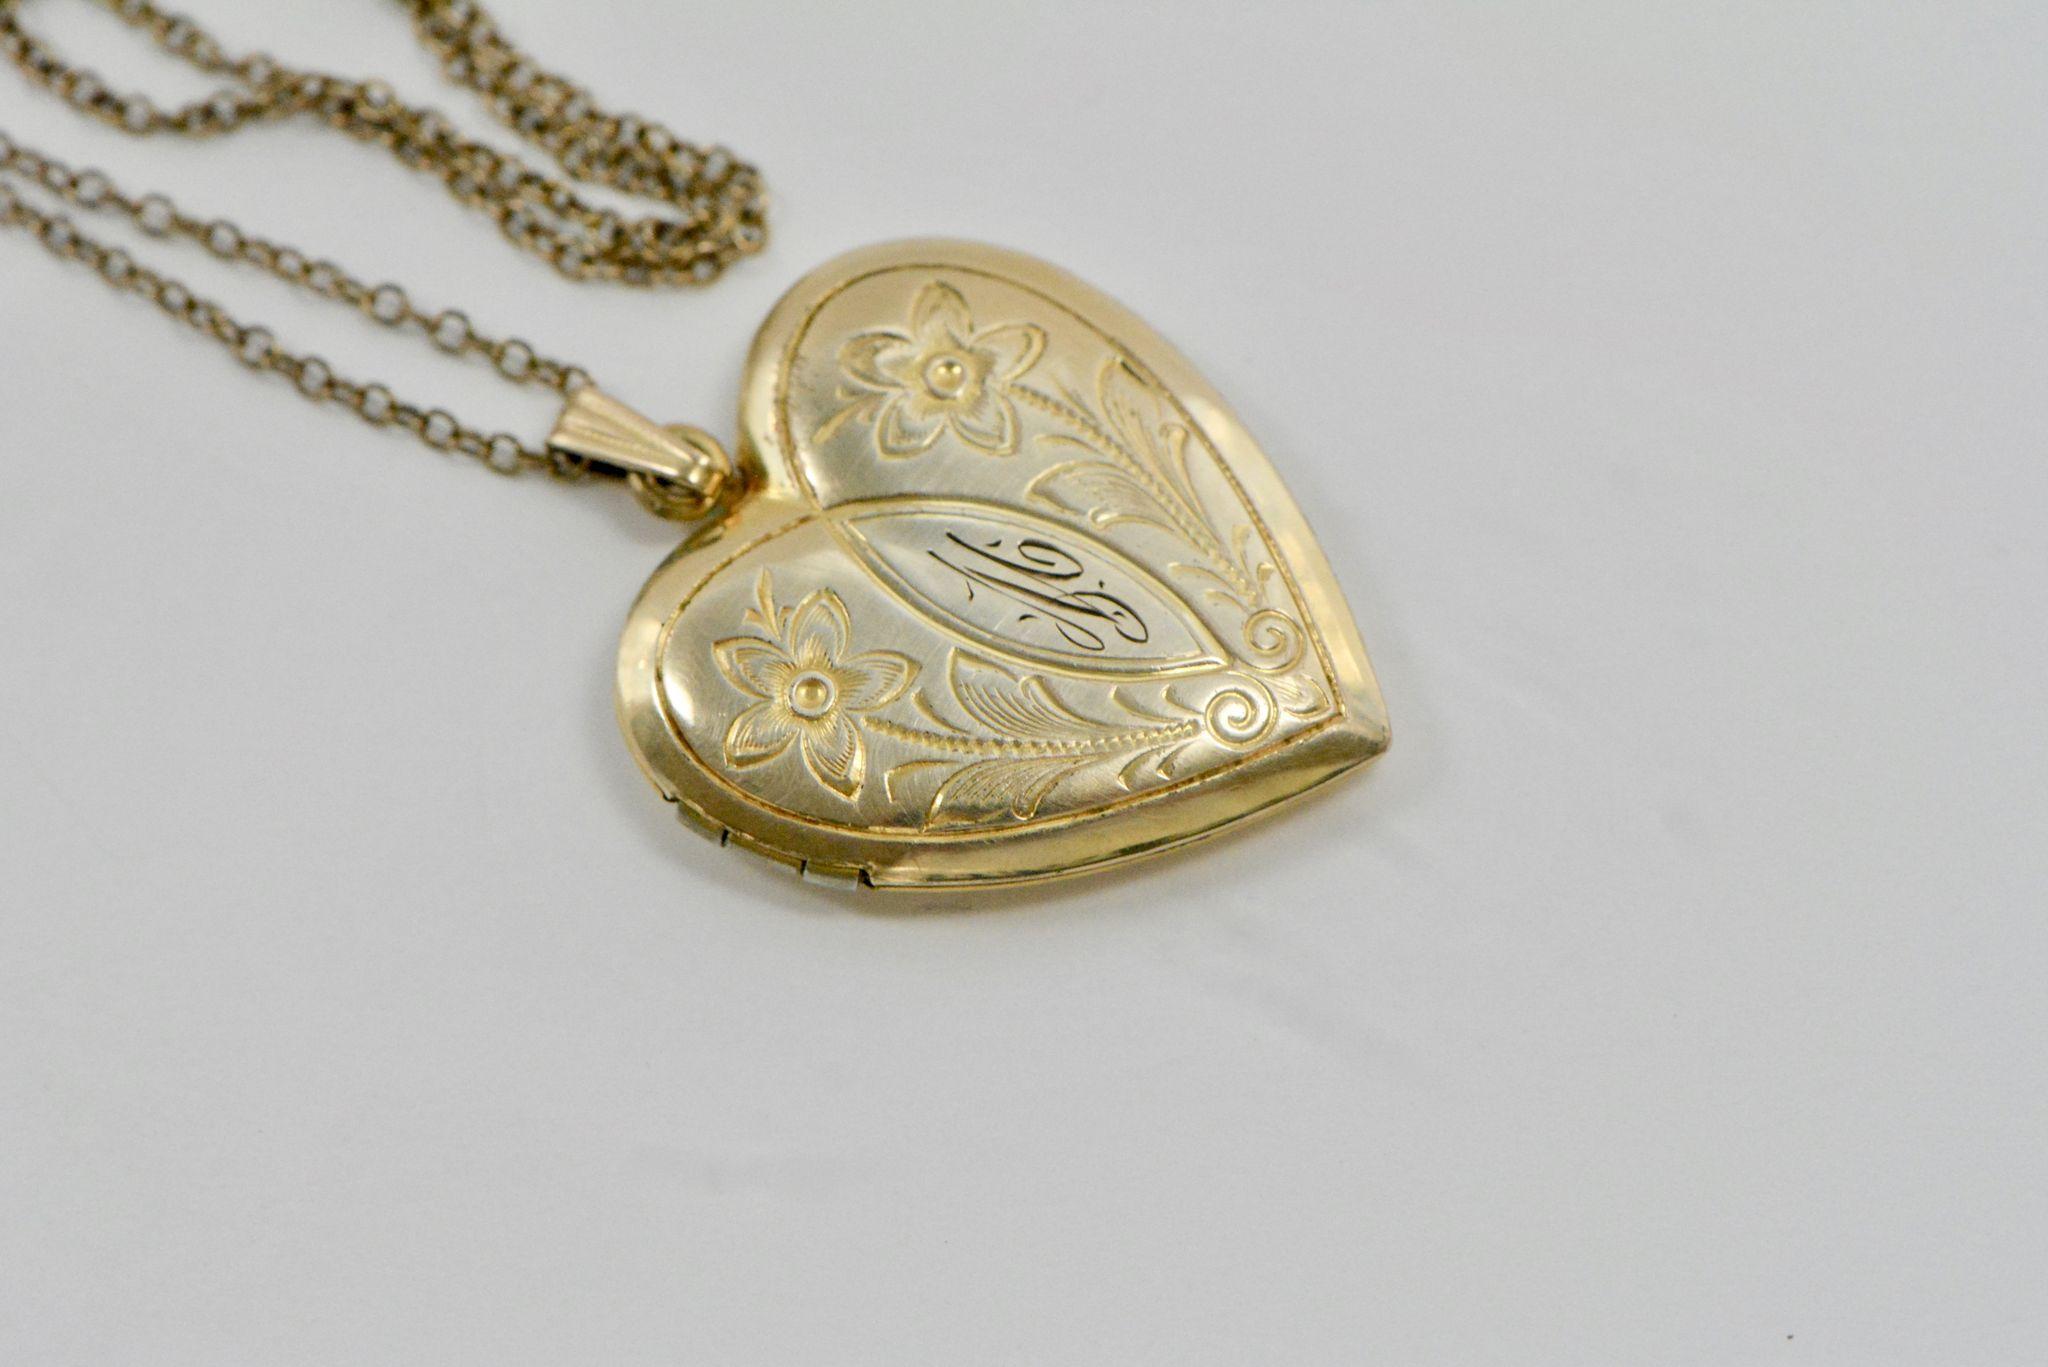 vintage 1940s engraved heart locket necklace from. Black Bedroom Furniture Sets. Home Design Ideas